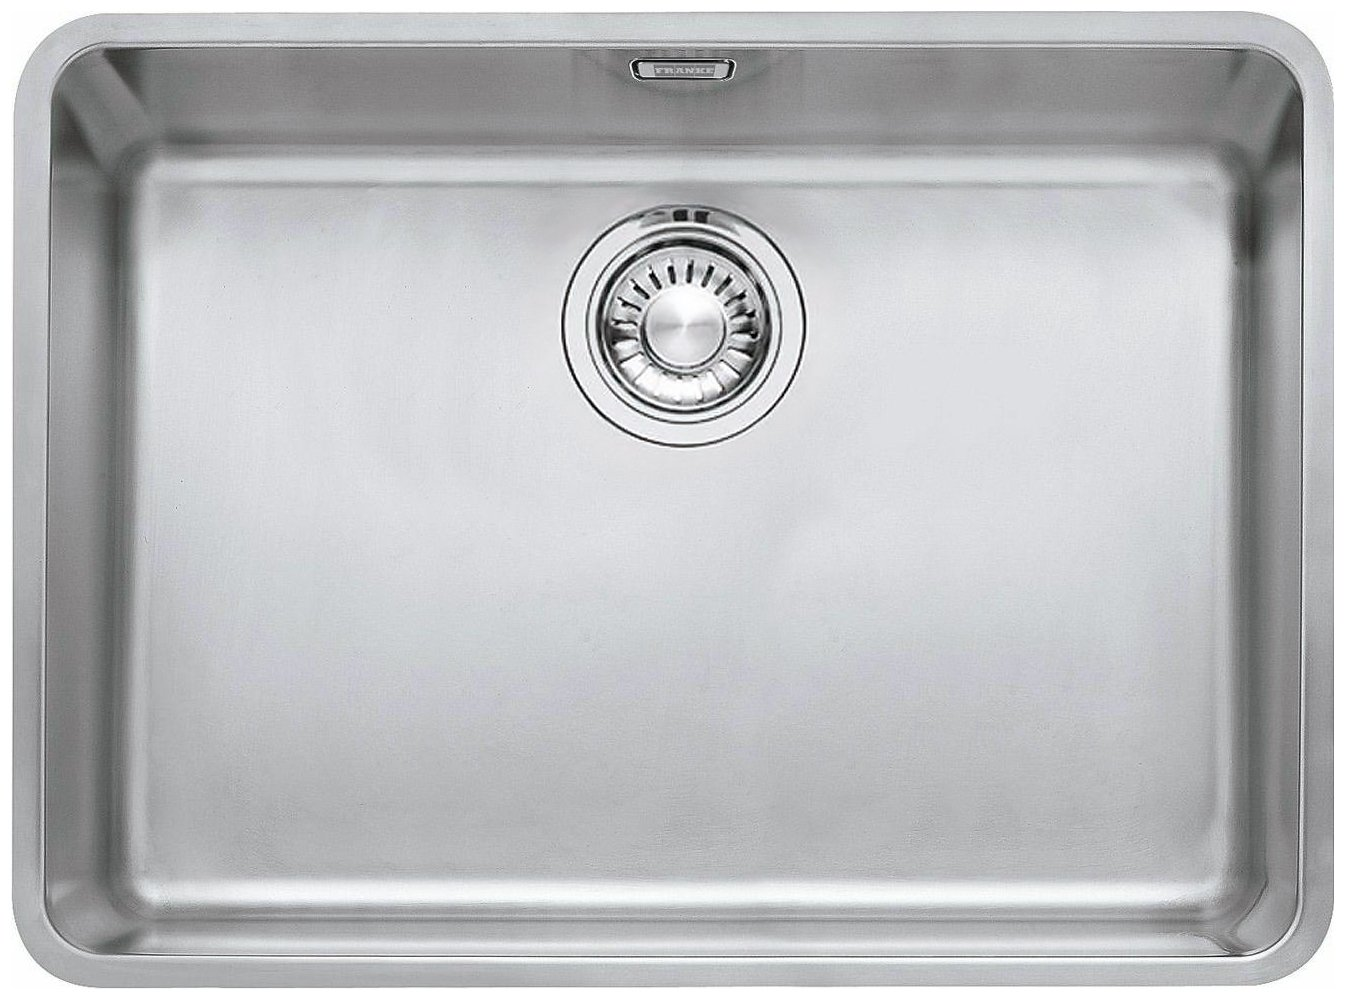 Franke 'Kubus' Single Sink photo 1